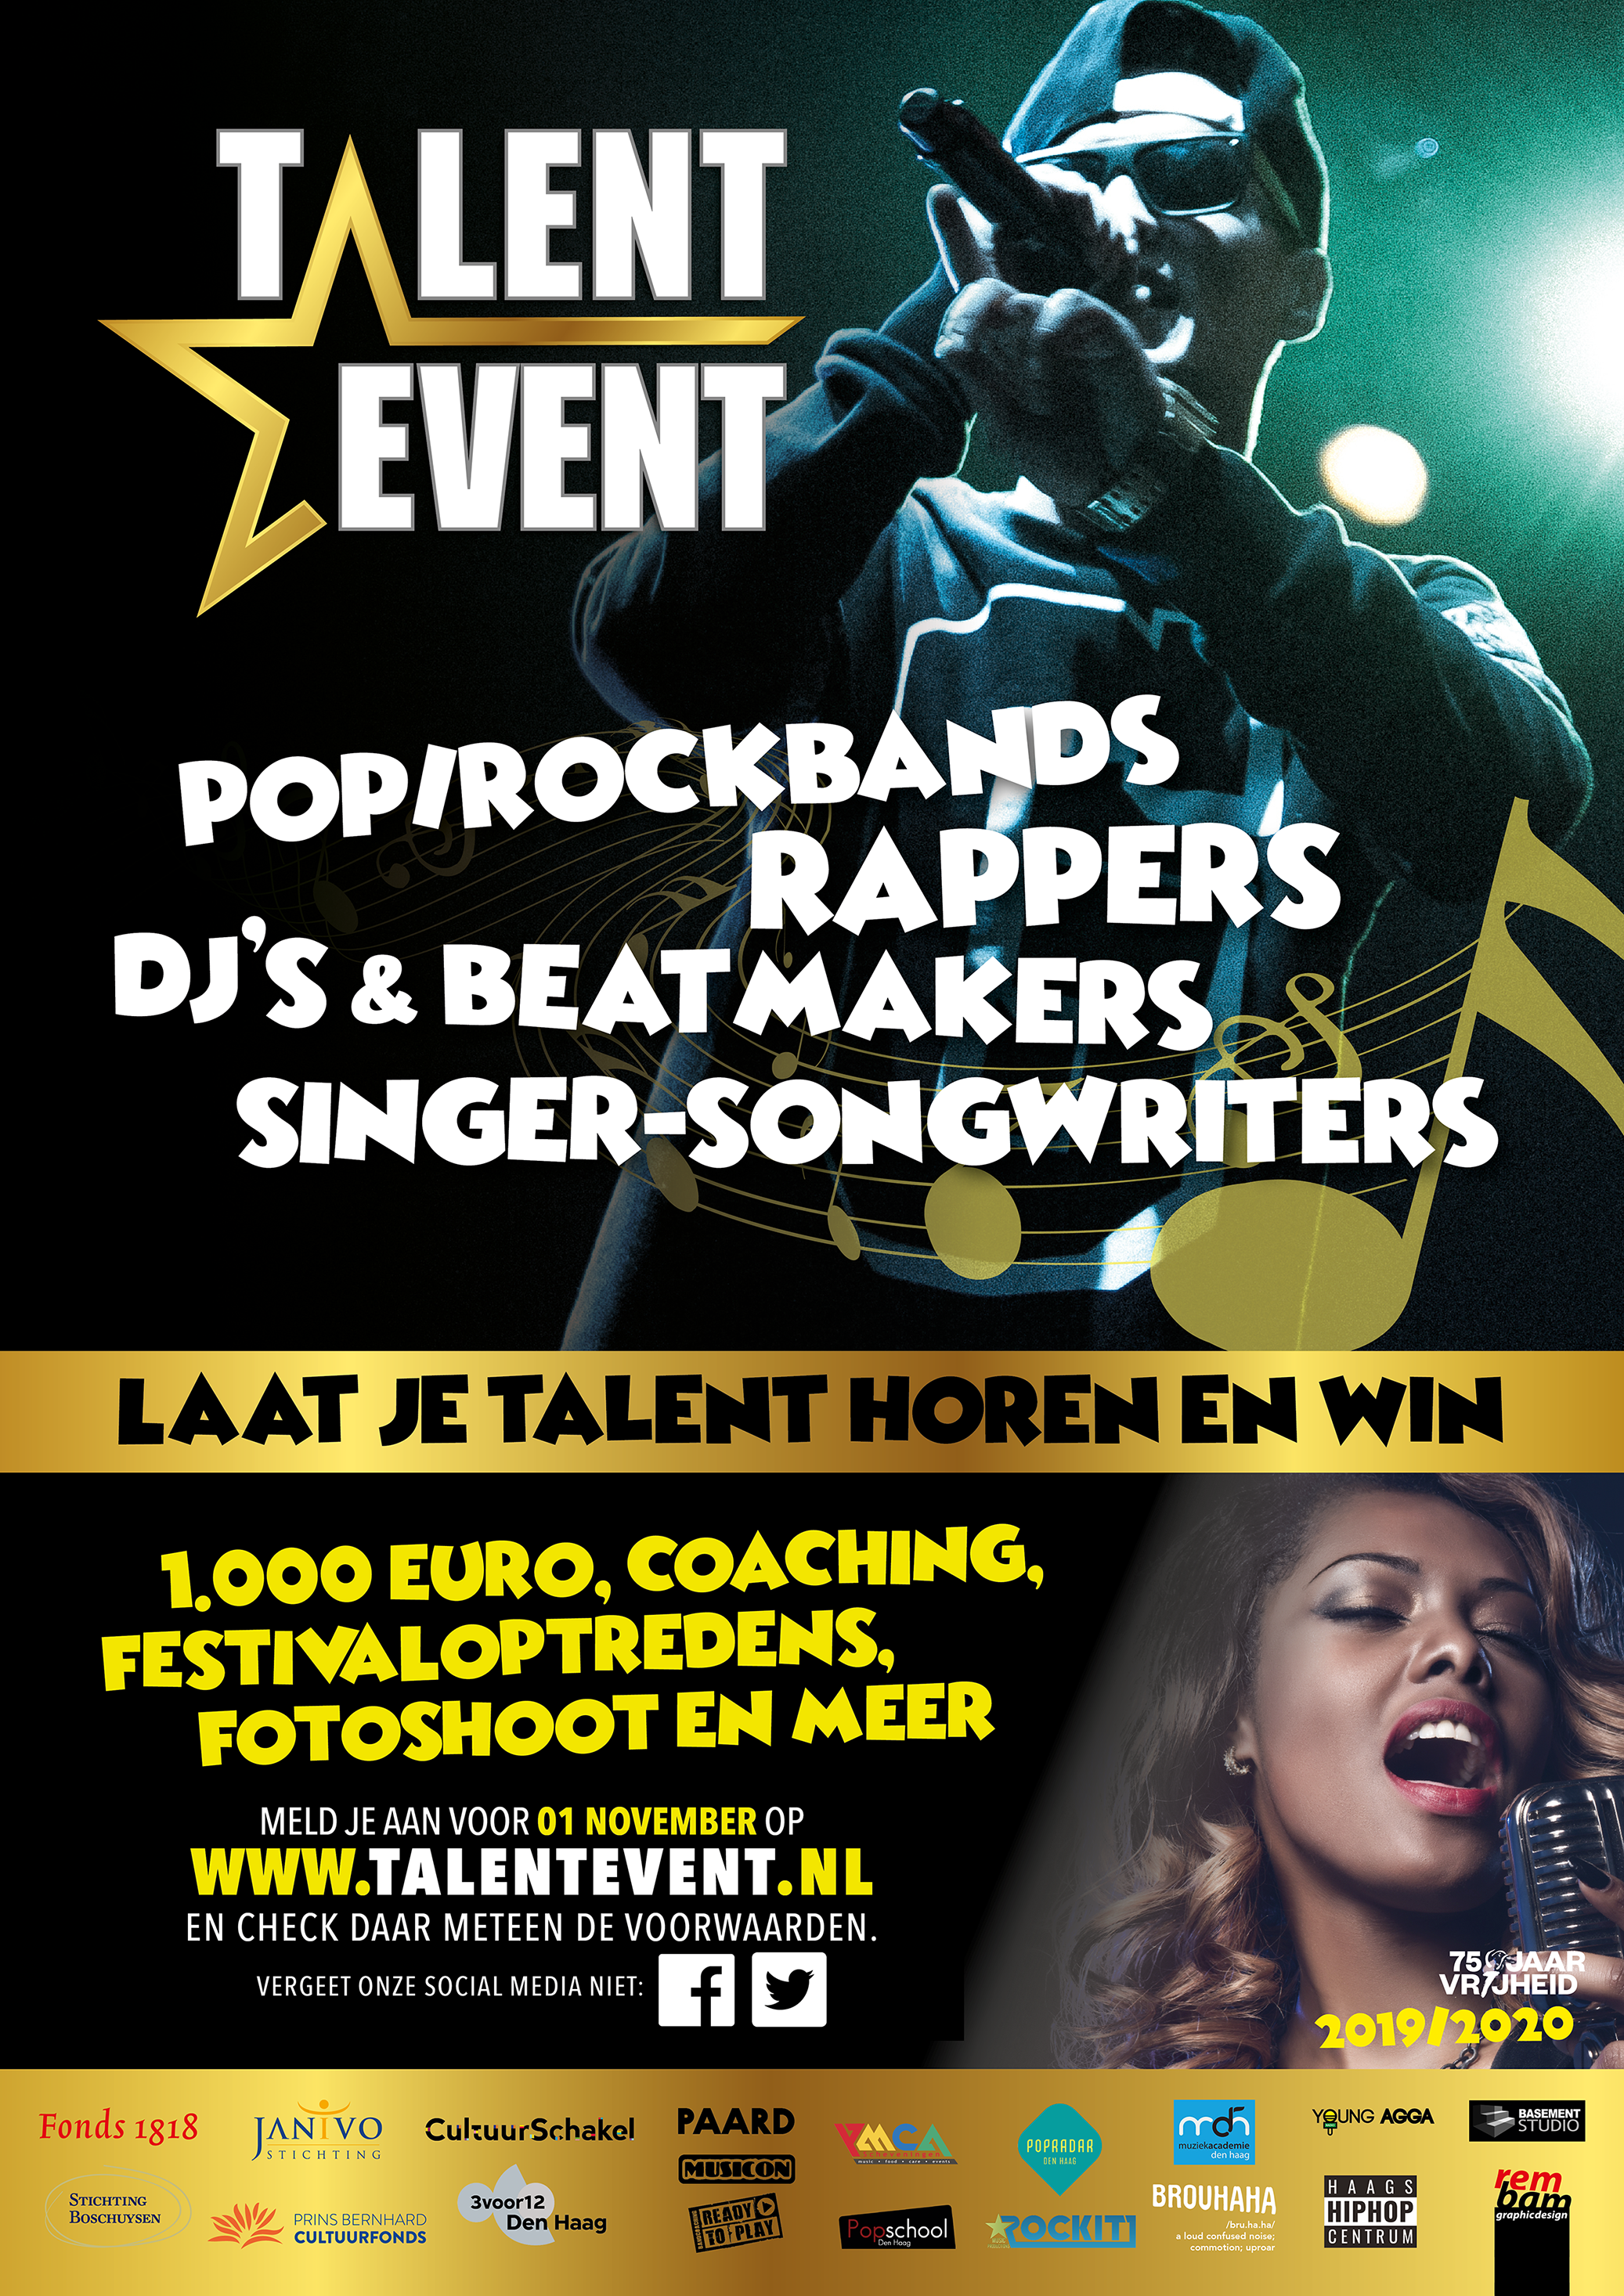 Talent Event komt terug met achtste editie GUAP %